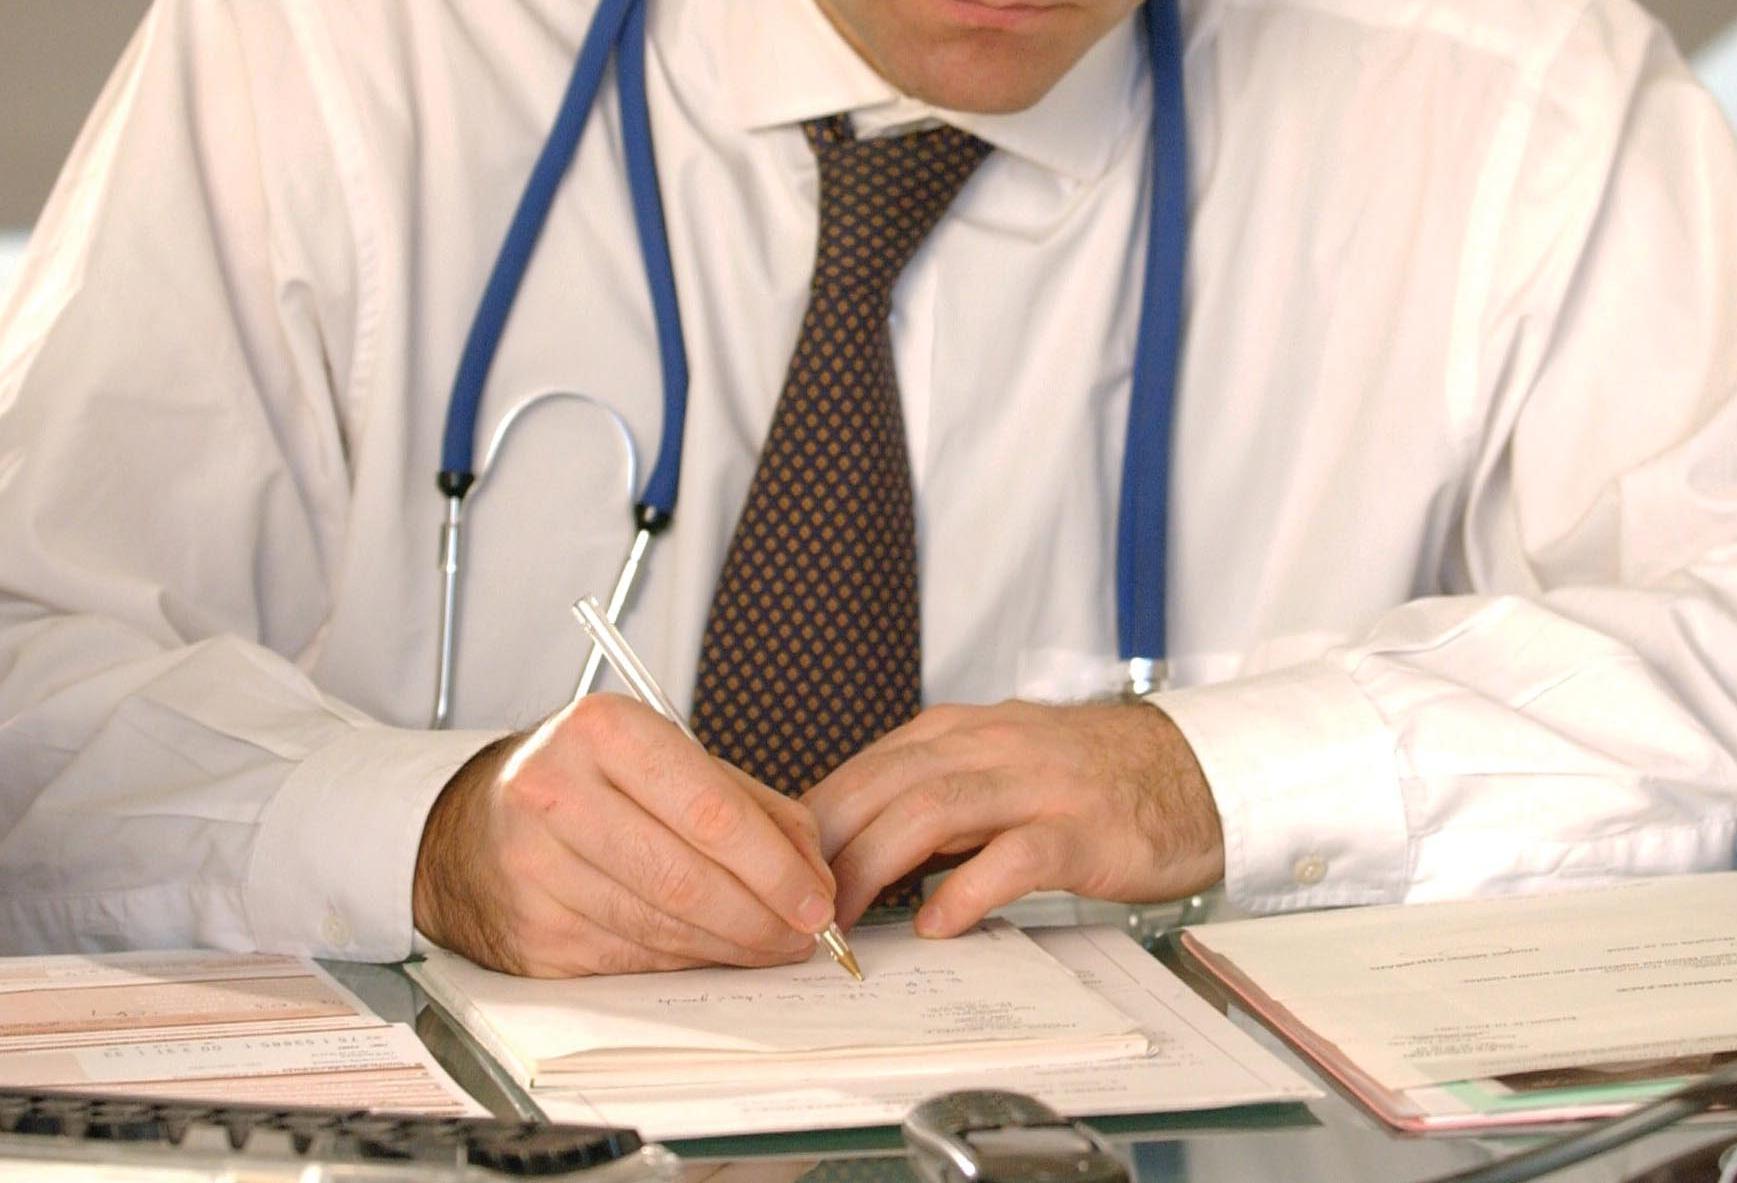 мог Независимая медицинская экспертиза где можно сделать в россии сел